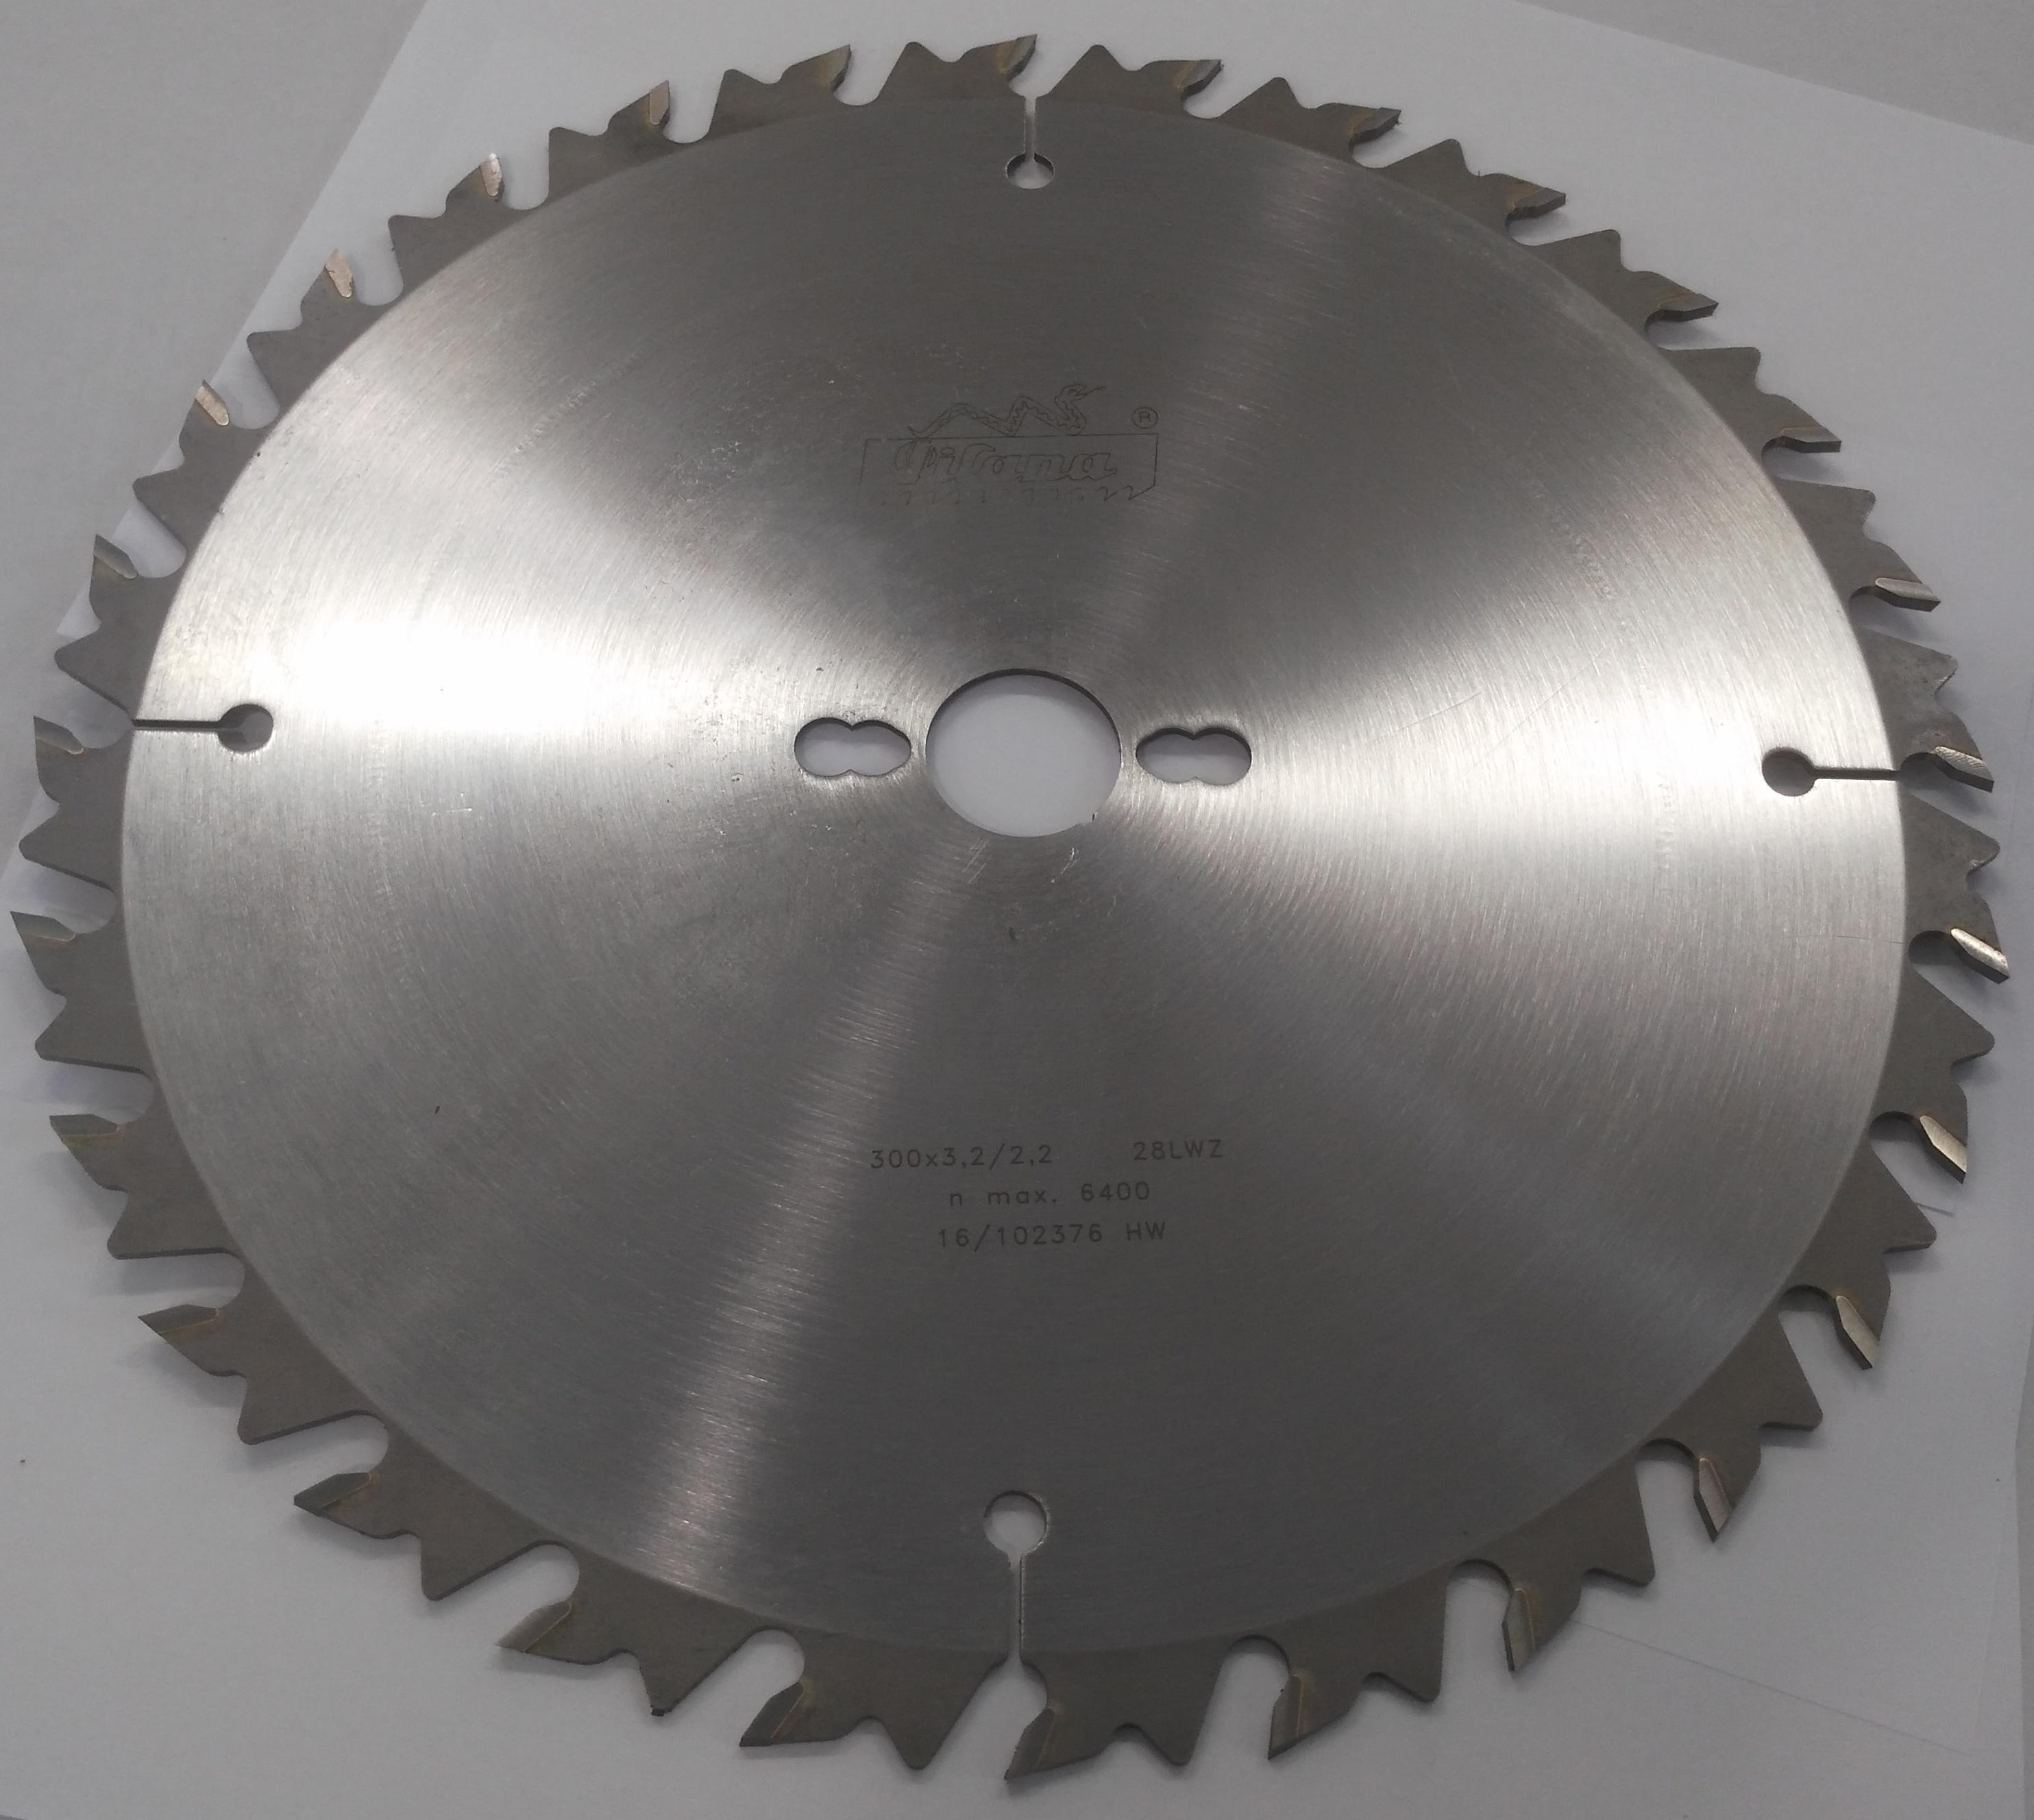 диски для распила массивной древесины, диски для продольного пиления, диски для поперечного пиления, диски для клееной фанеры, диски для столярной плиты, диски для пиления агломерированных материалов с цементом